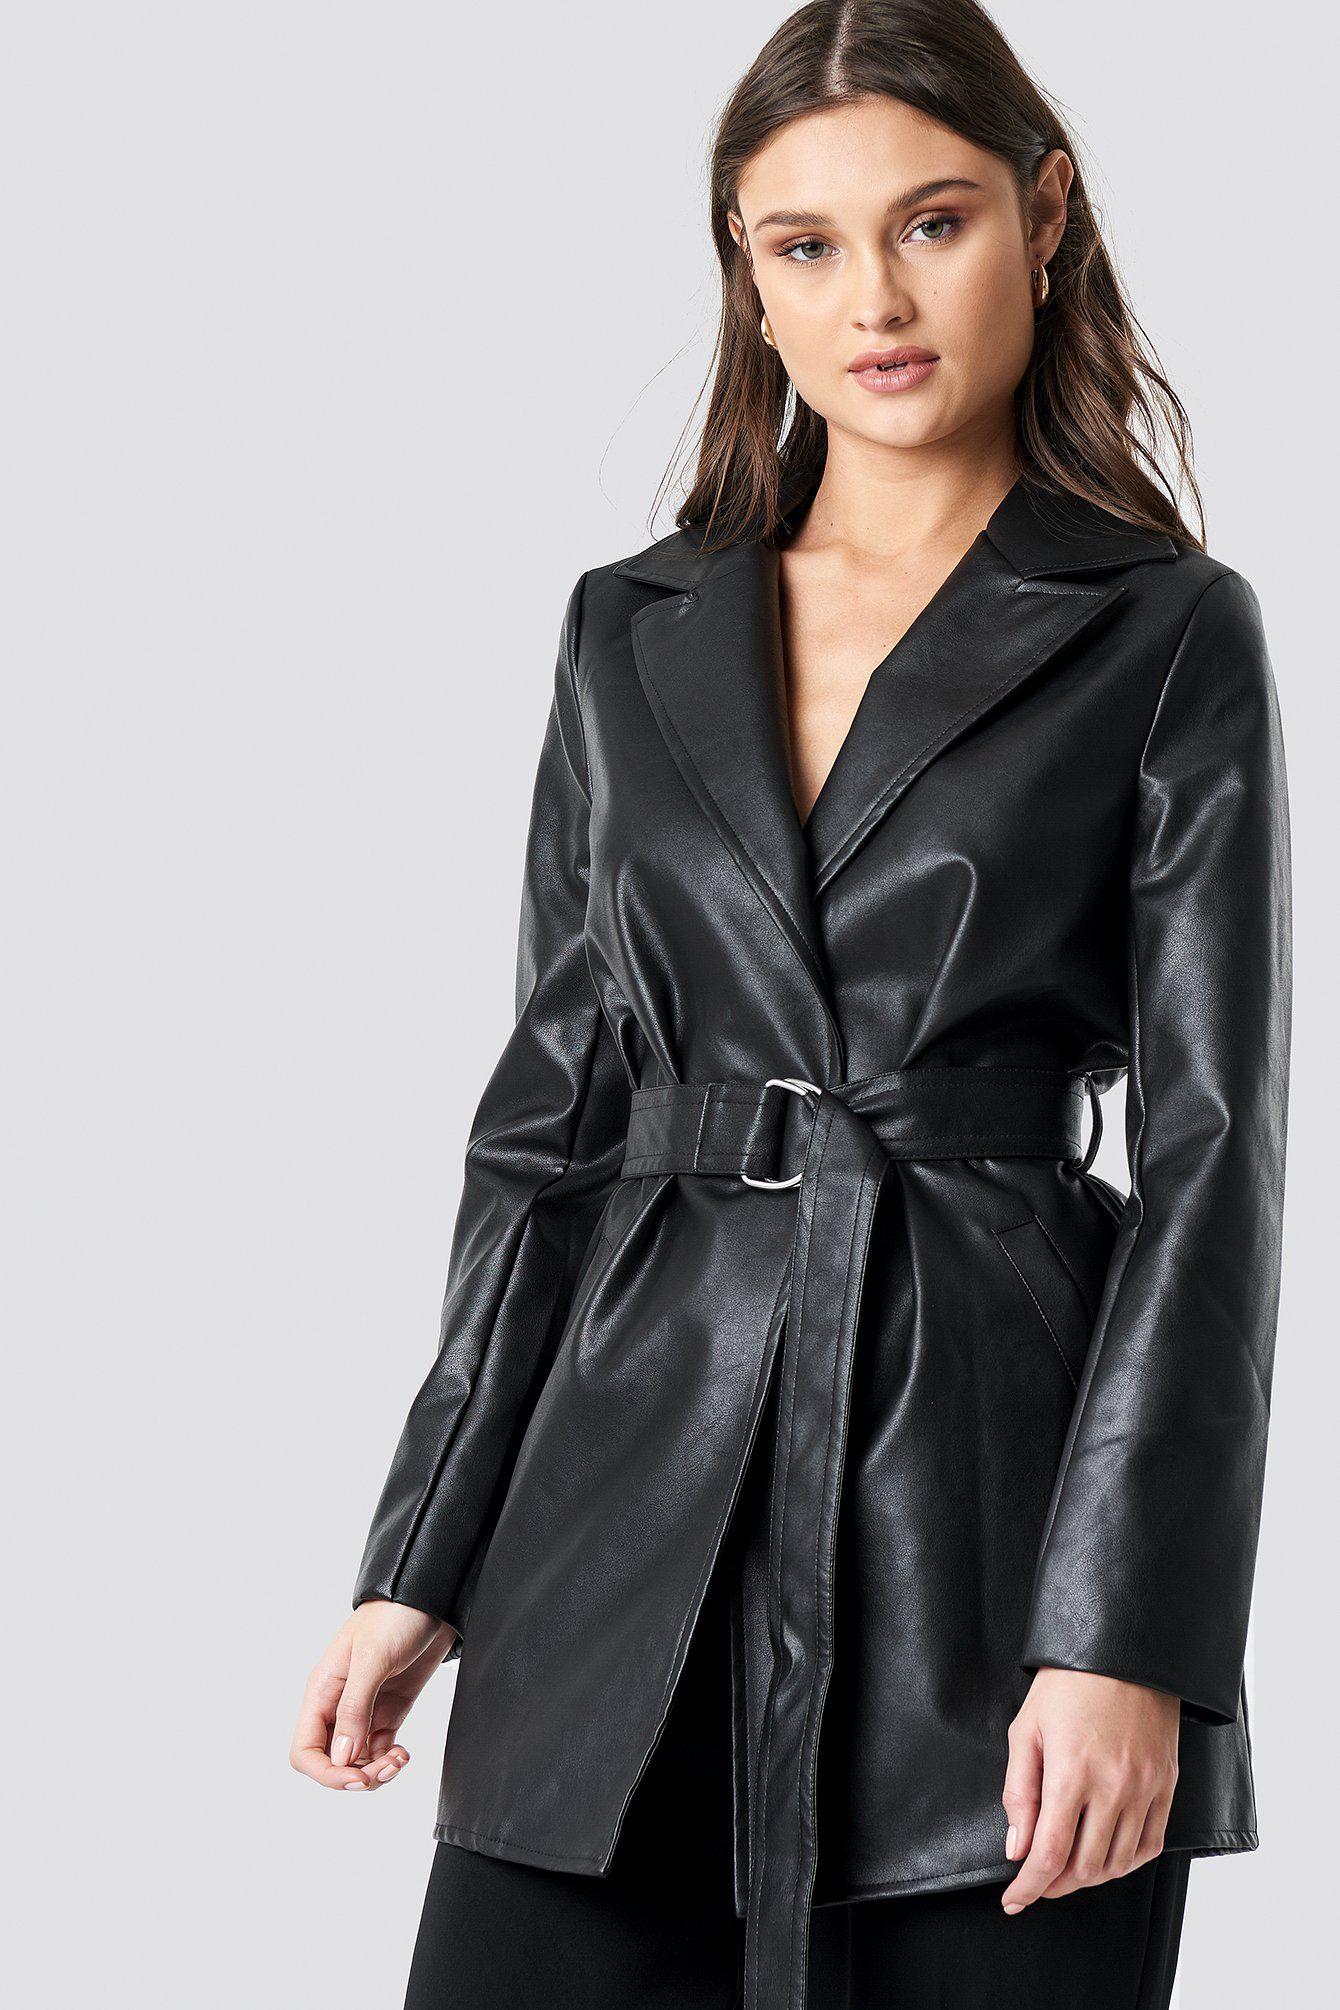 Pu Leather Belted Jacket Black Belted Jacket Leather Jackets Women Belted Jacket Outfit [ 2010 x 1340 Pixel ]